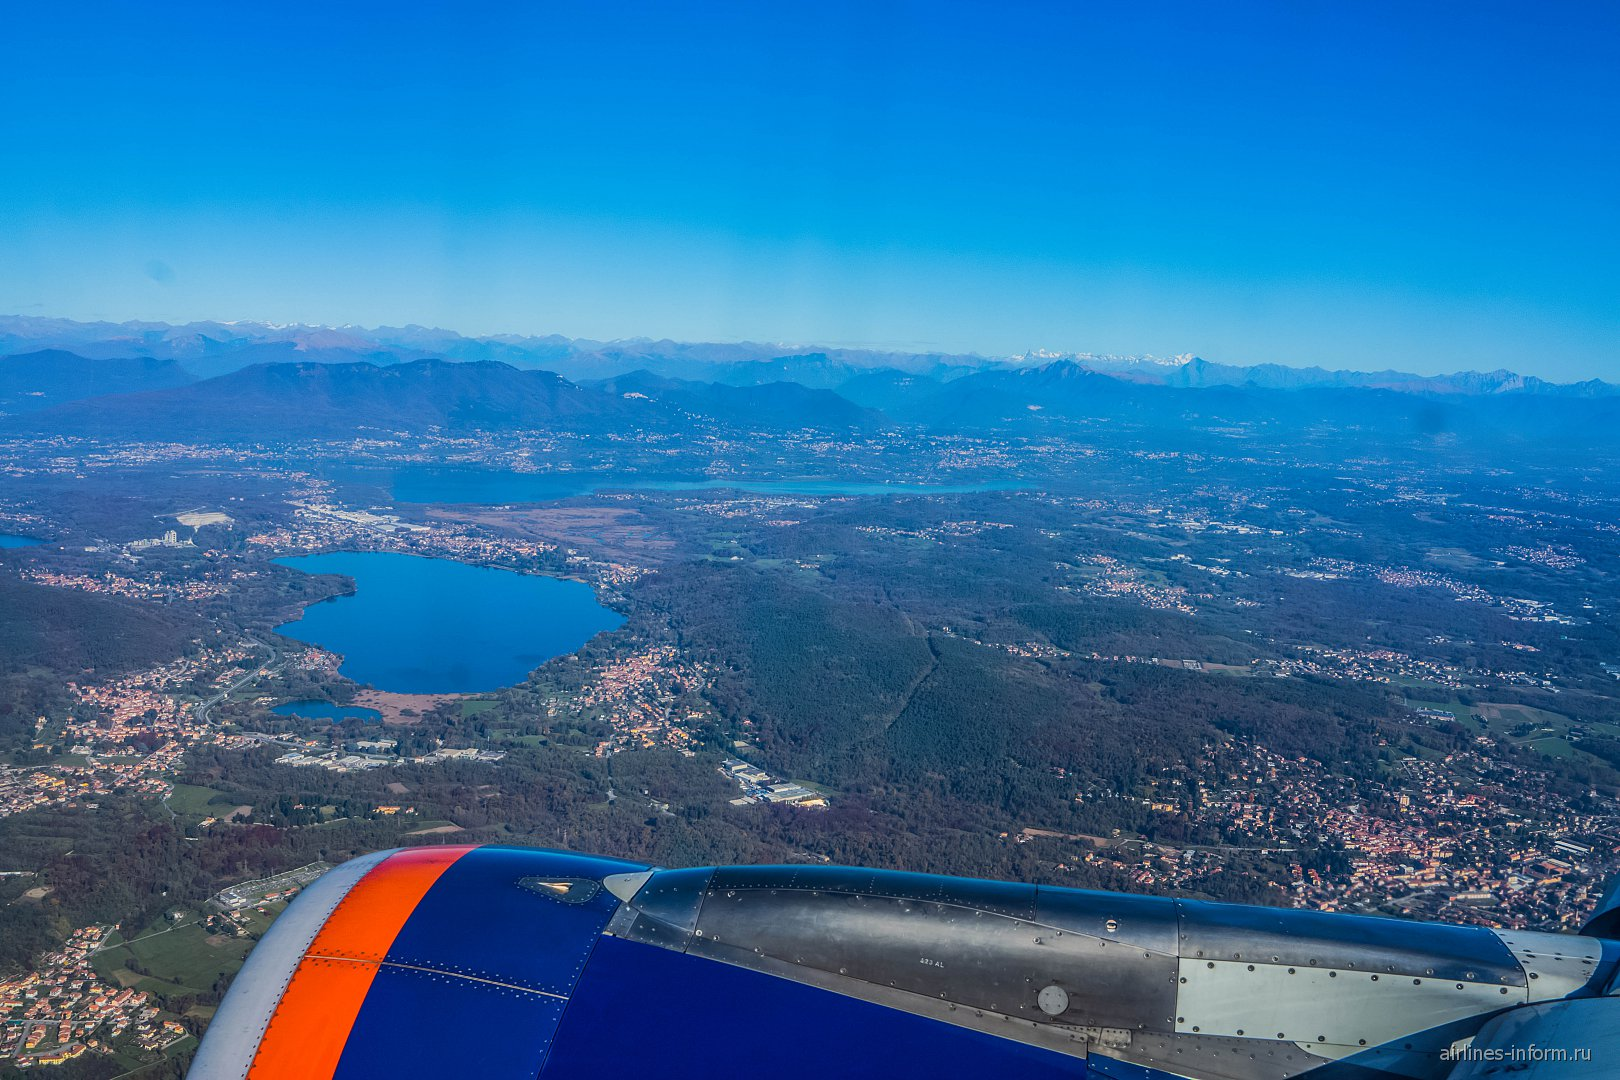 Вид на окрестности Милана после взлета из аэропорта Мальпенса